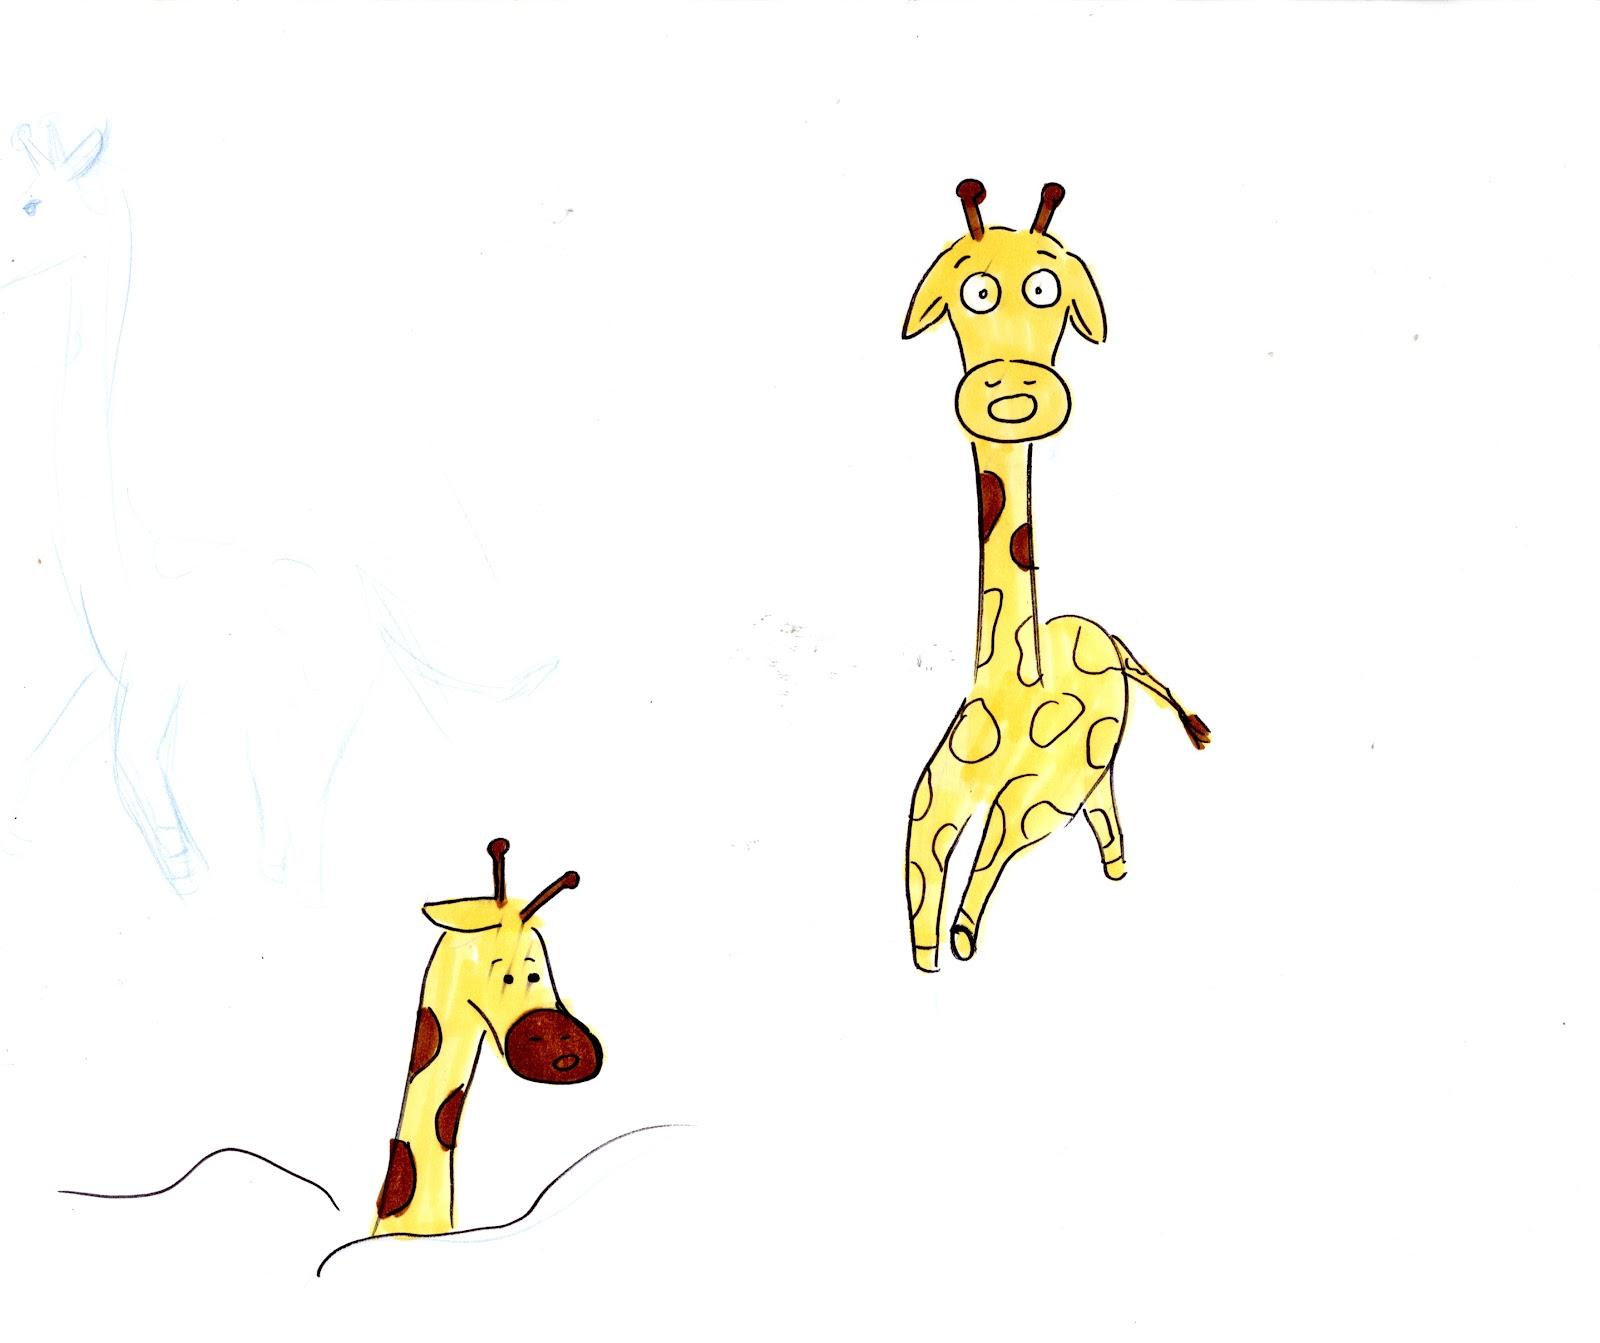 Giraffe outline drawing